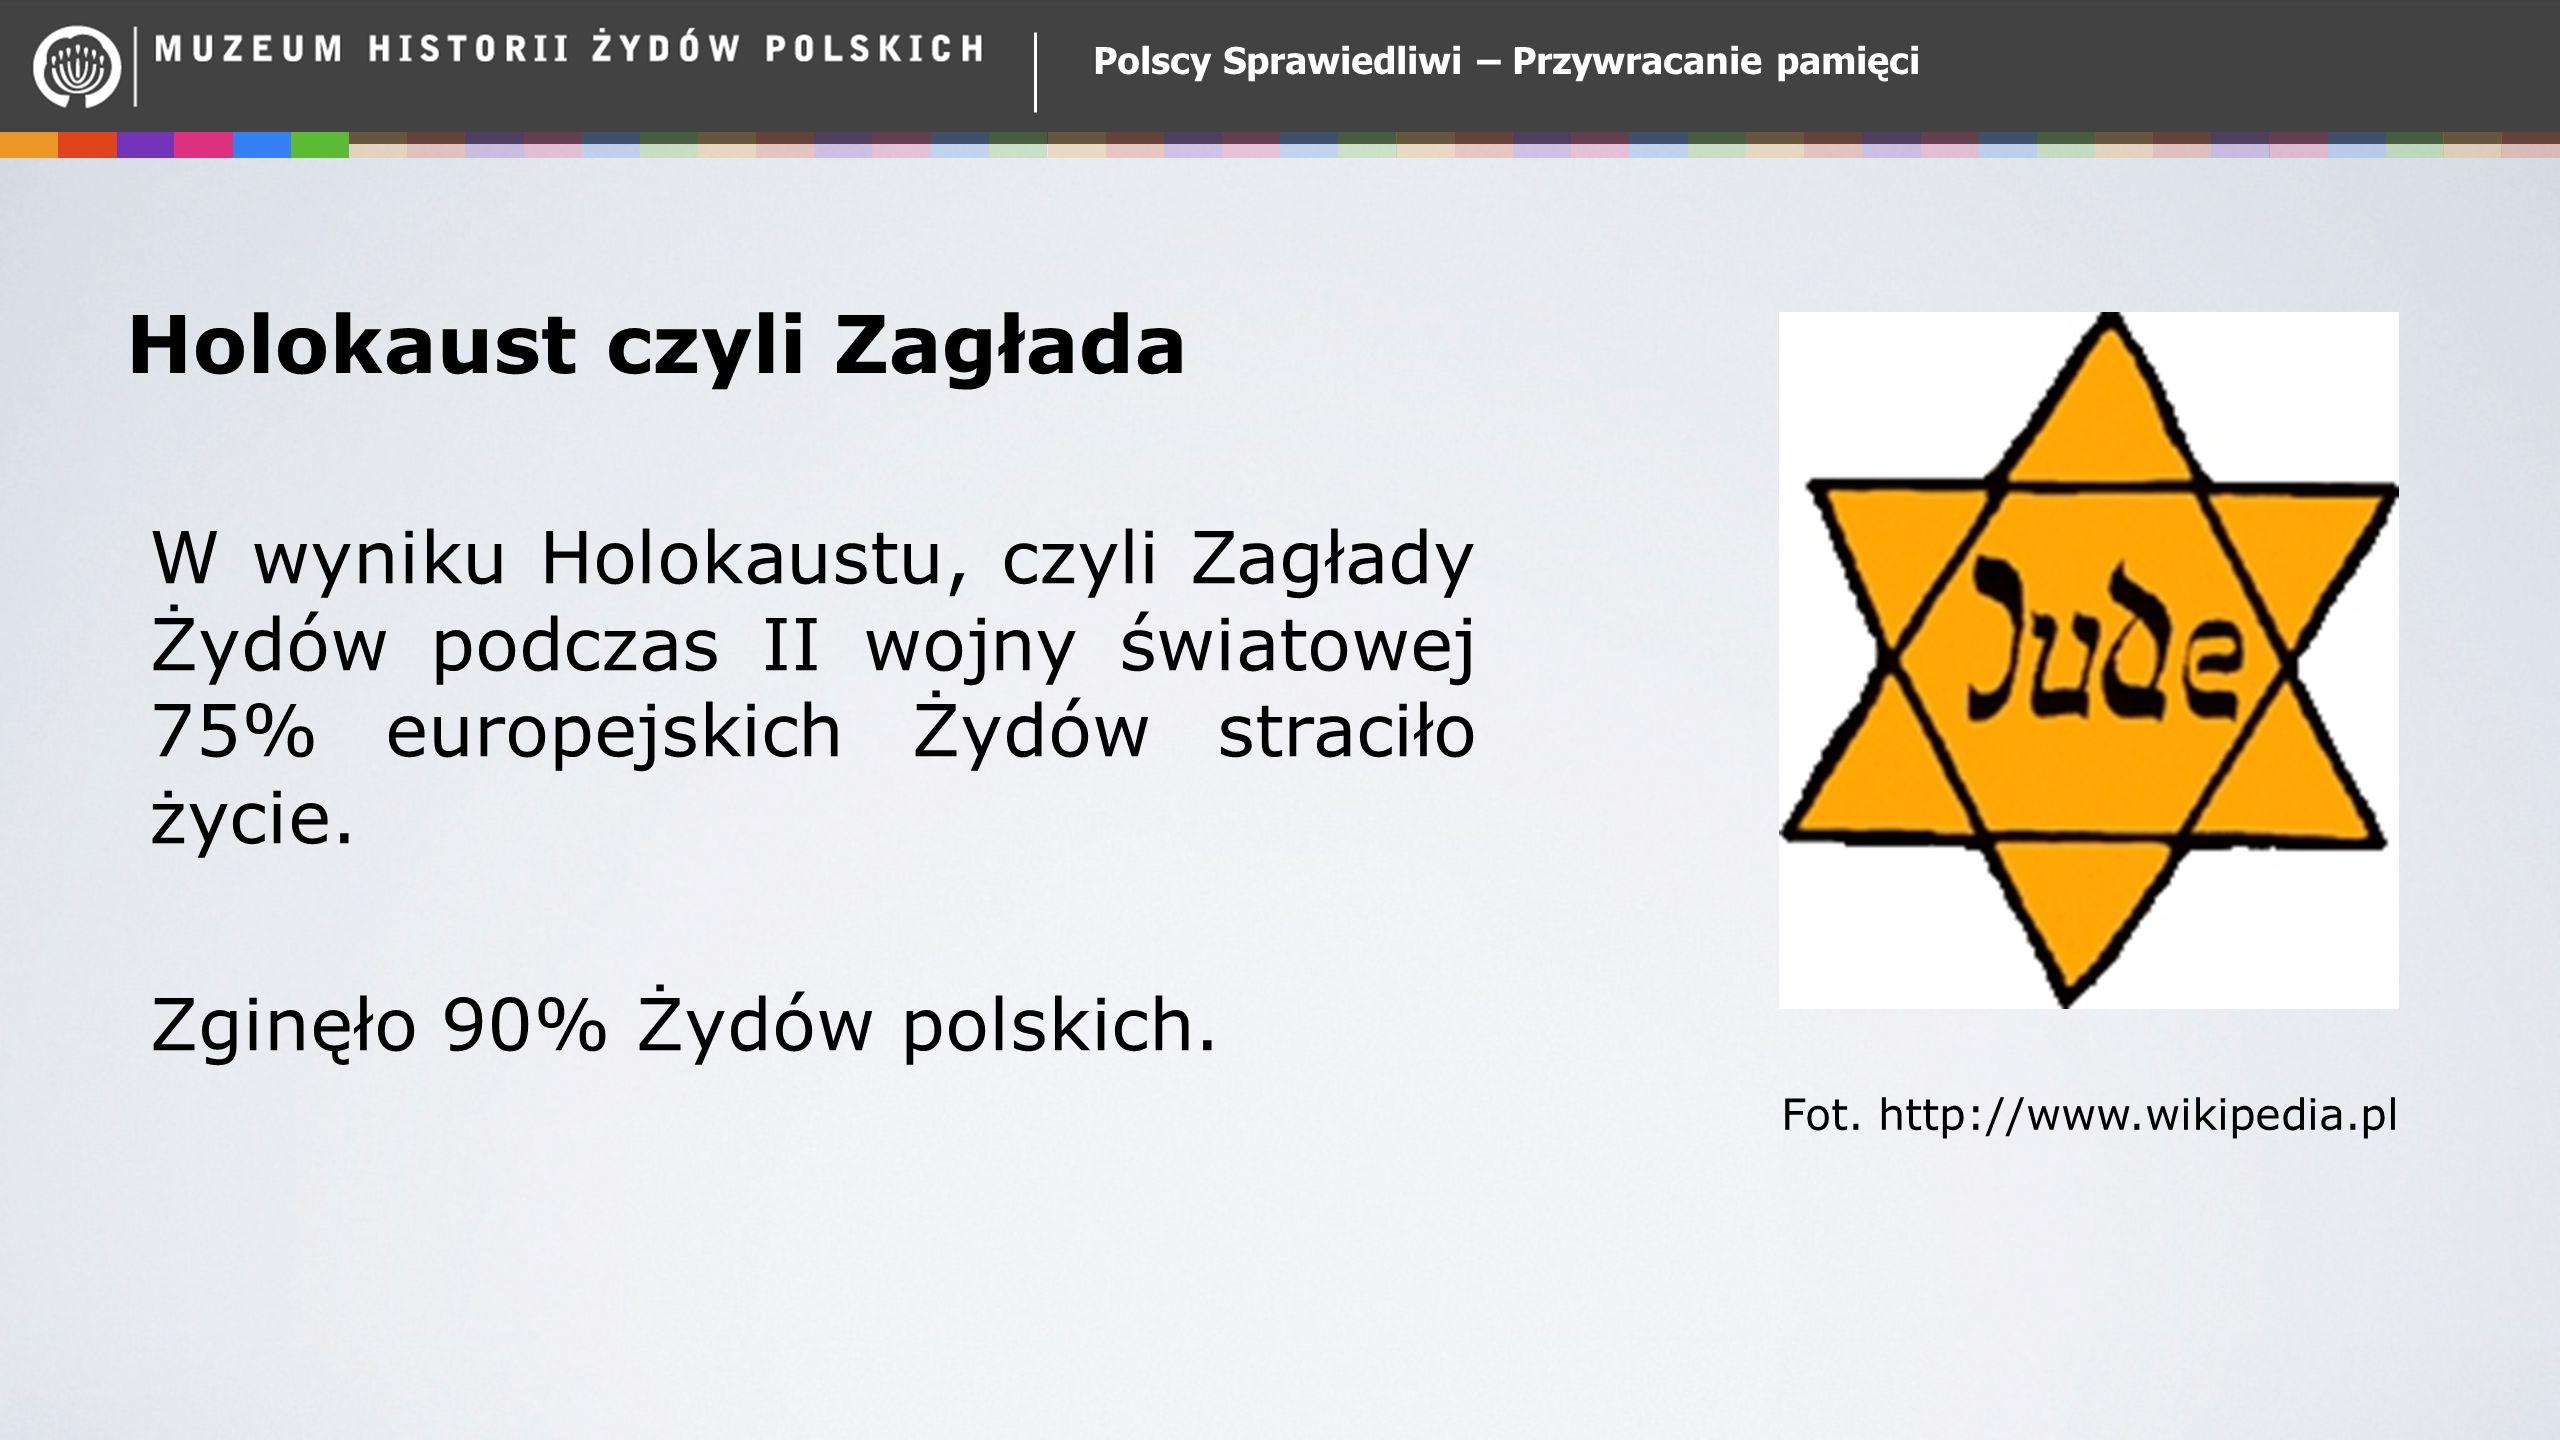 Polscy Sprawiedliwi – Przywracanie pamięci Holokaust czyli Zagłada W wyniku Holokaustu, czyli Zagłady Żydów podczas II wojny światowej 75% europejskich Żydów straciło życie.